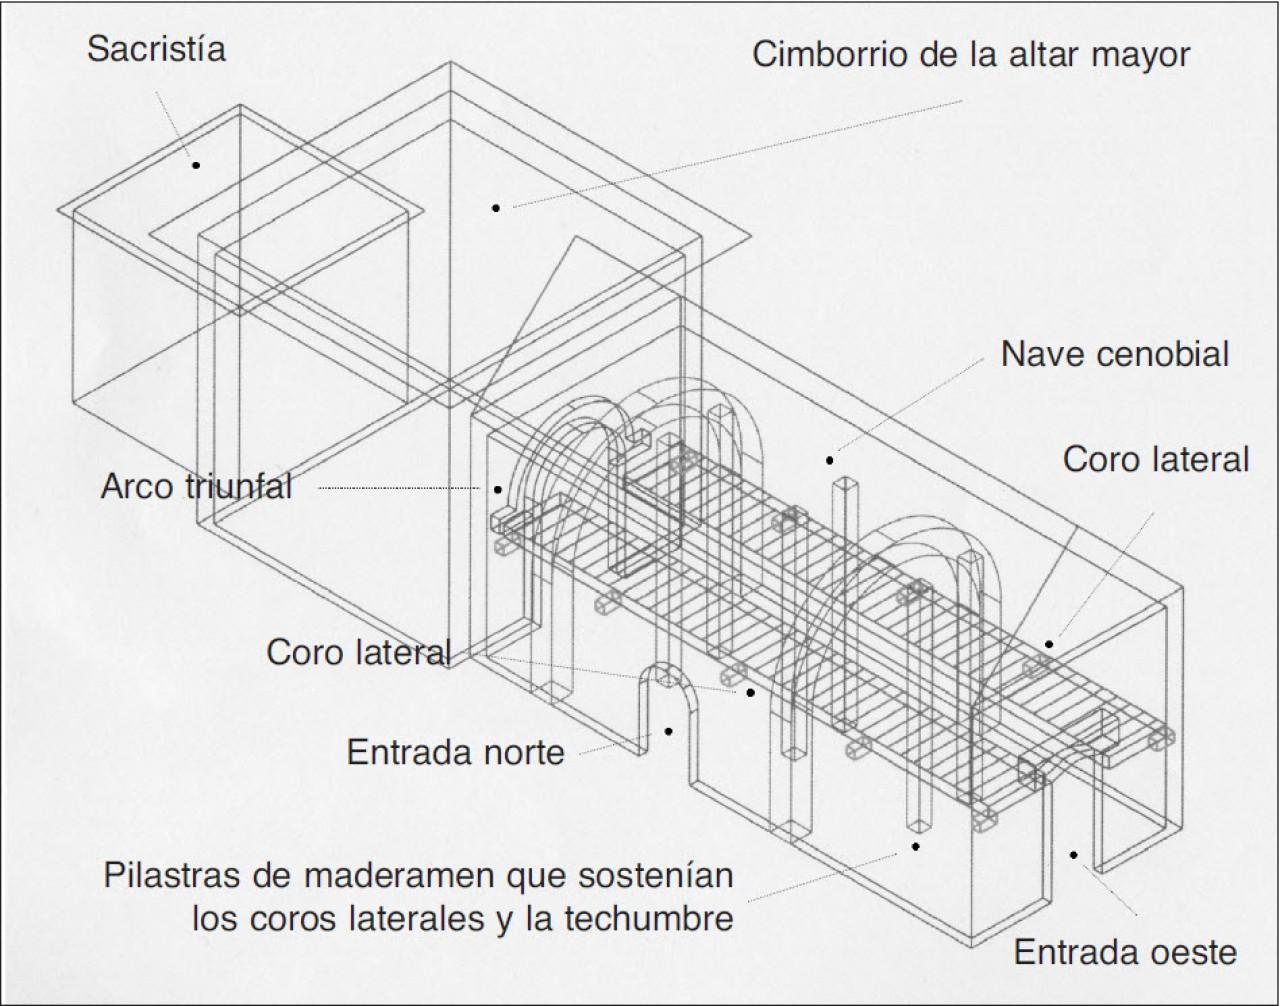 esquema de la arquitectura iglesias cenobiales